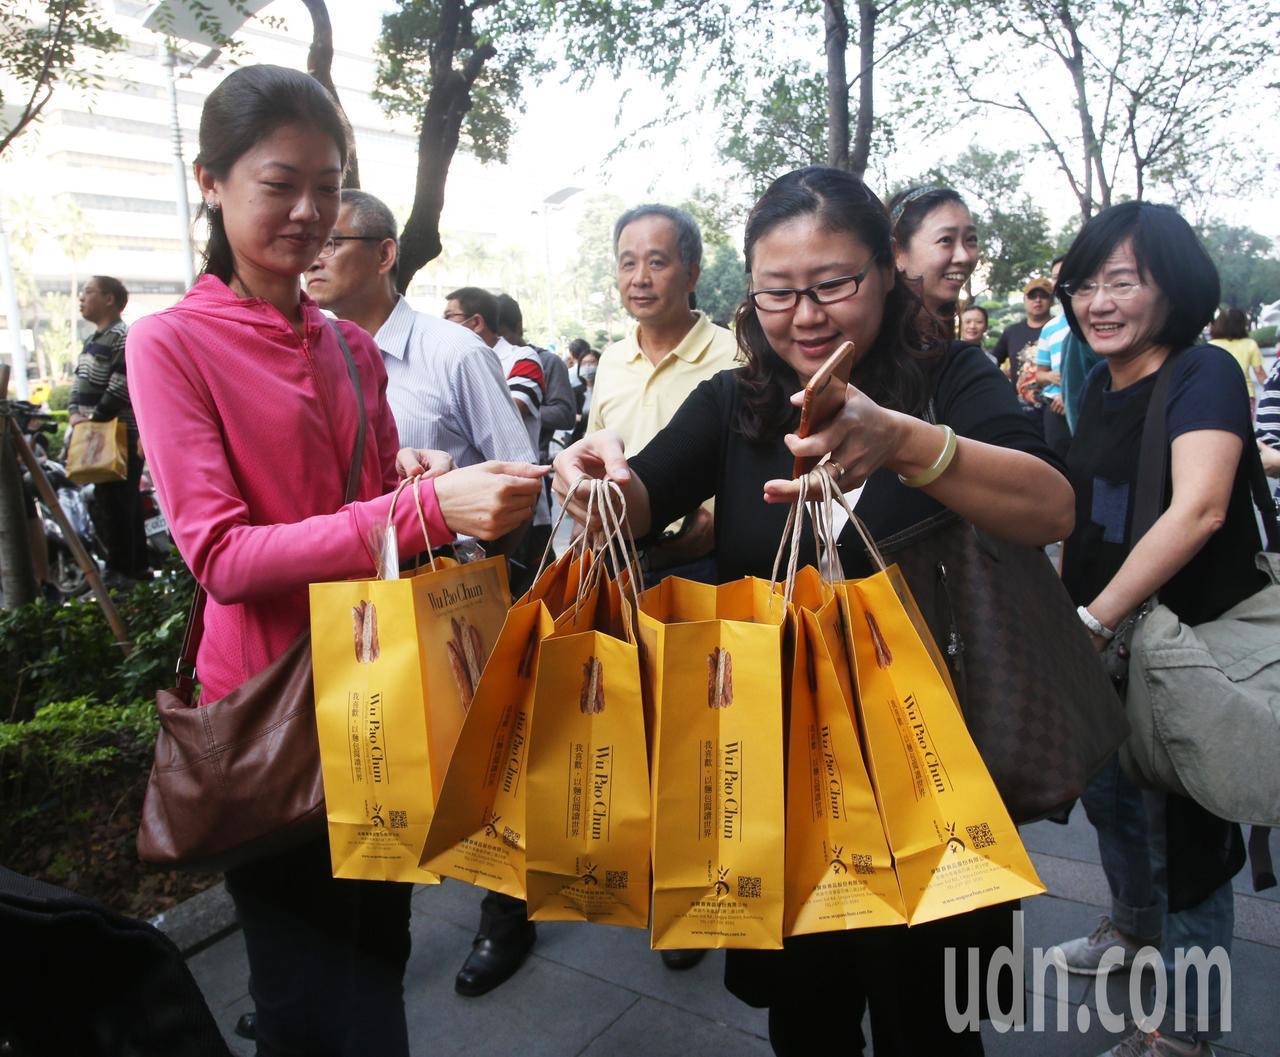 民眾用實際行動力挺吳寶春麵包。記者劉學聖/攝影